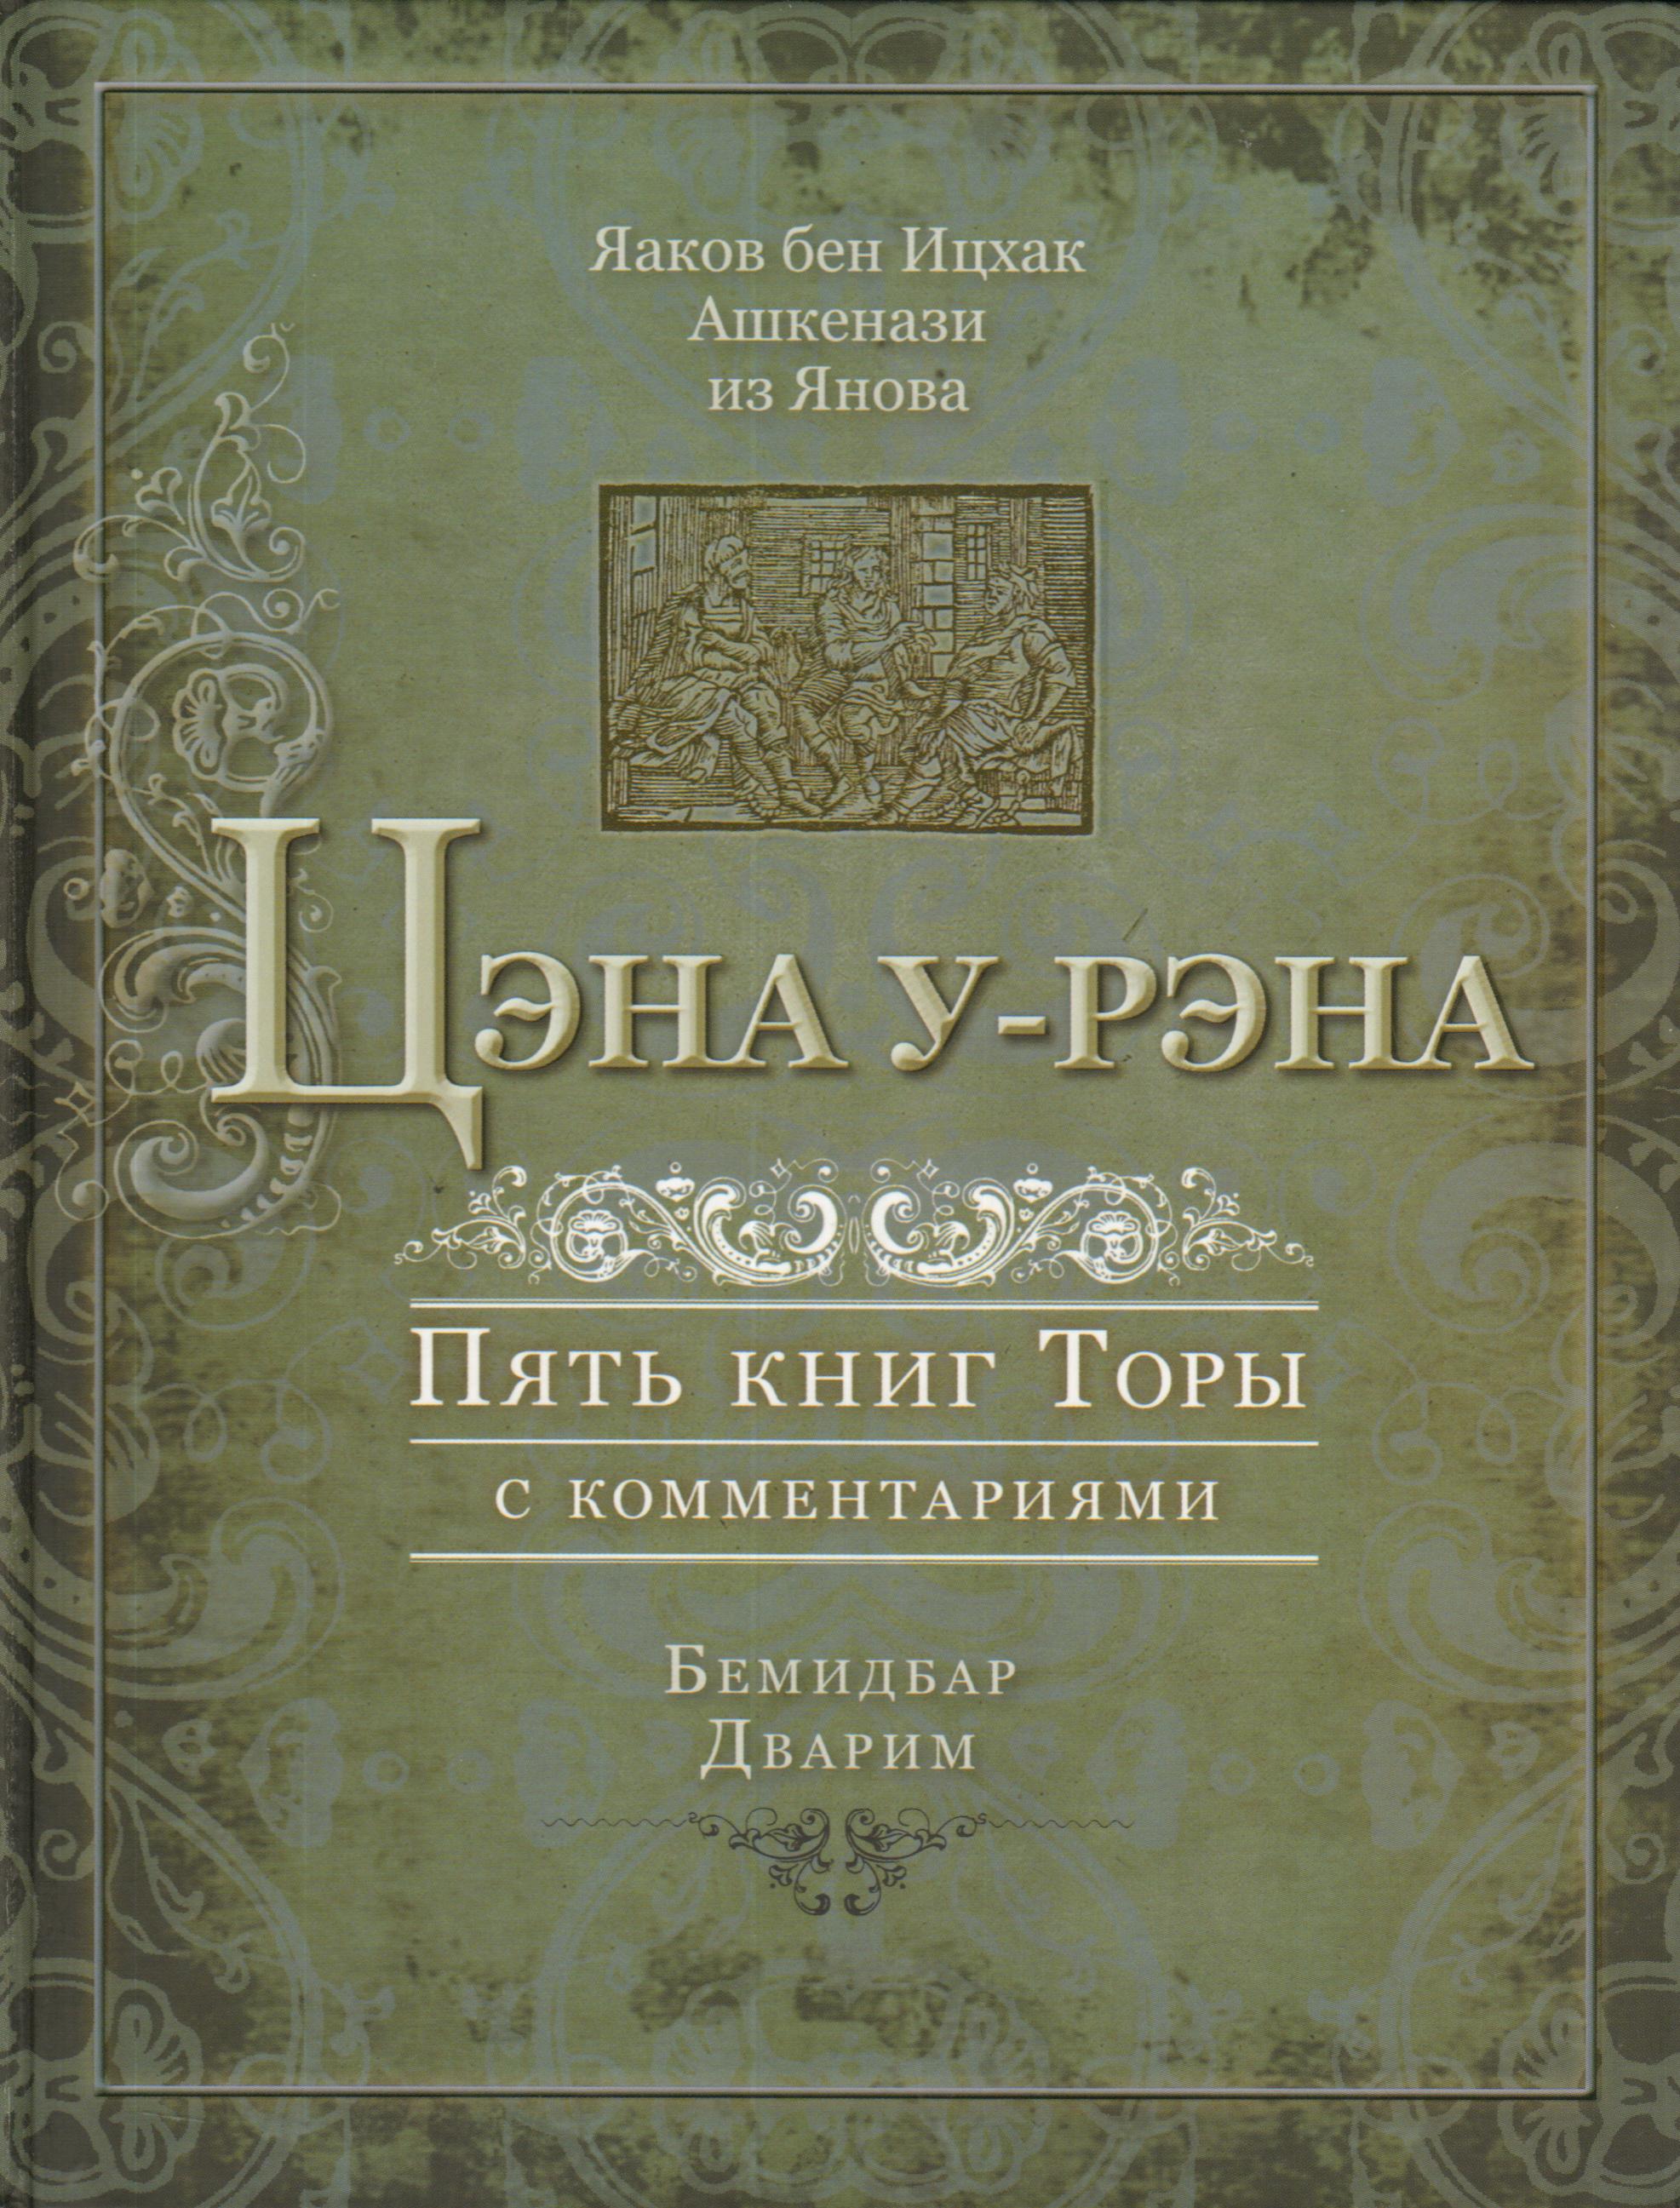 Цэна у-рэна.Тора для семейного чтения (Ч.4-5)Пять книг Торы с коммент.Бемидбар/Дварим